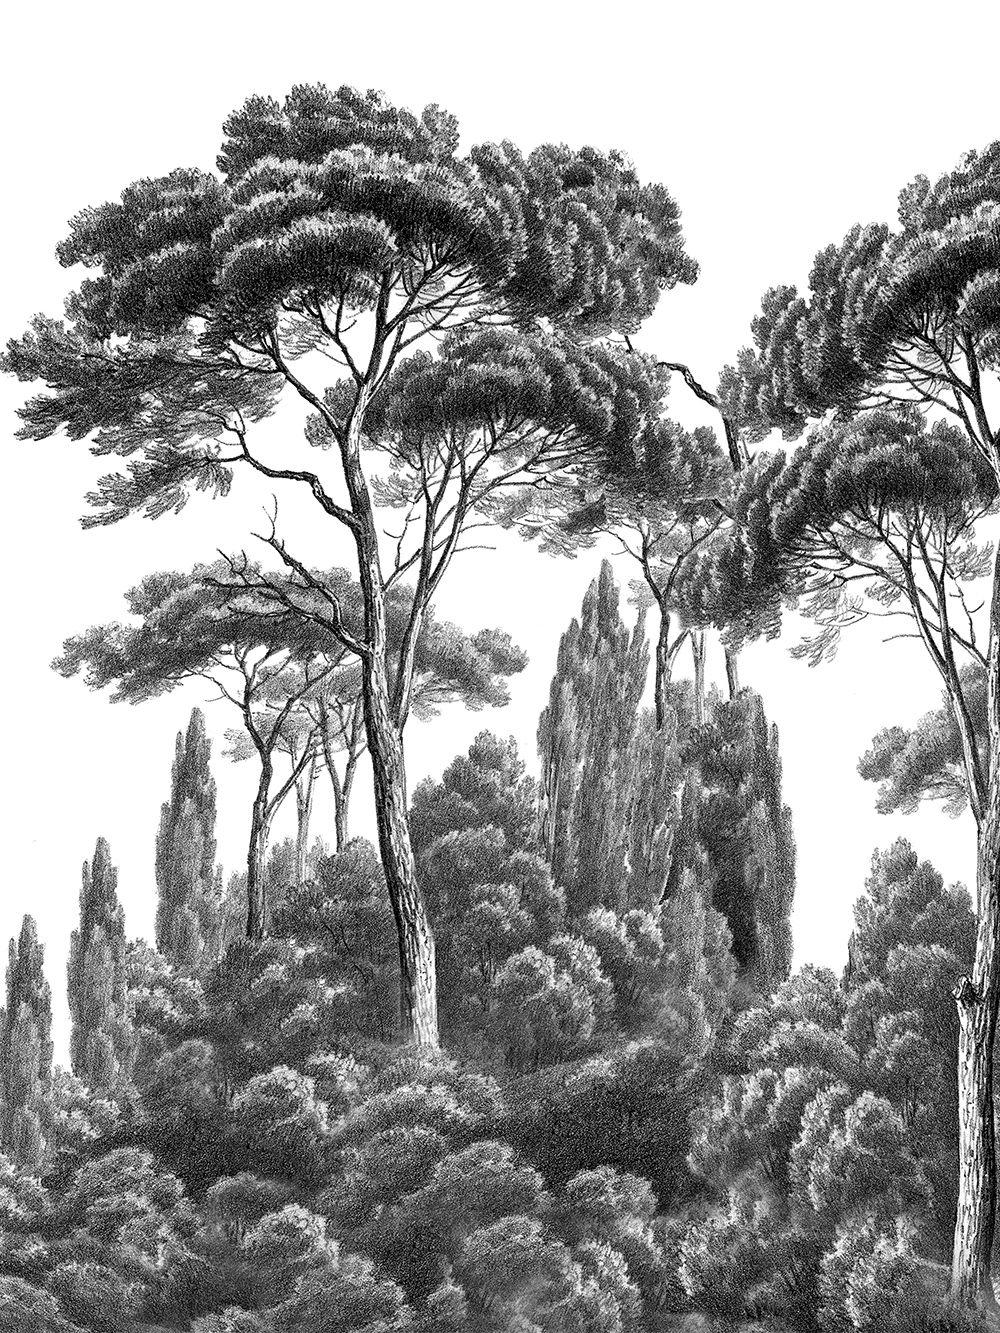 Paysages Gravures Pins Et Cyprès Noir Et Blanc L225xh300cm 3